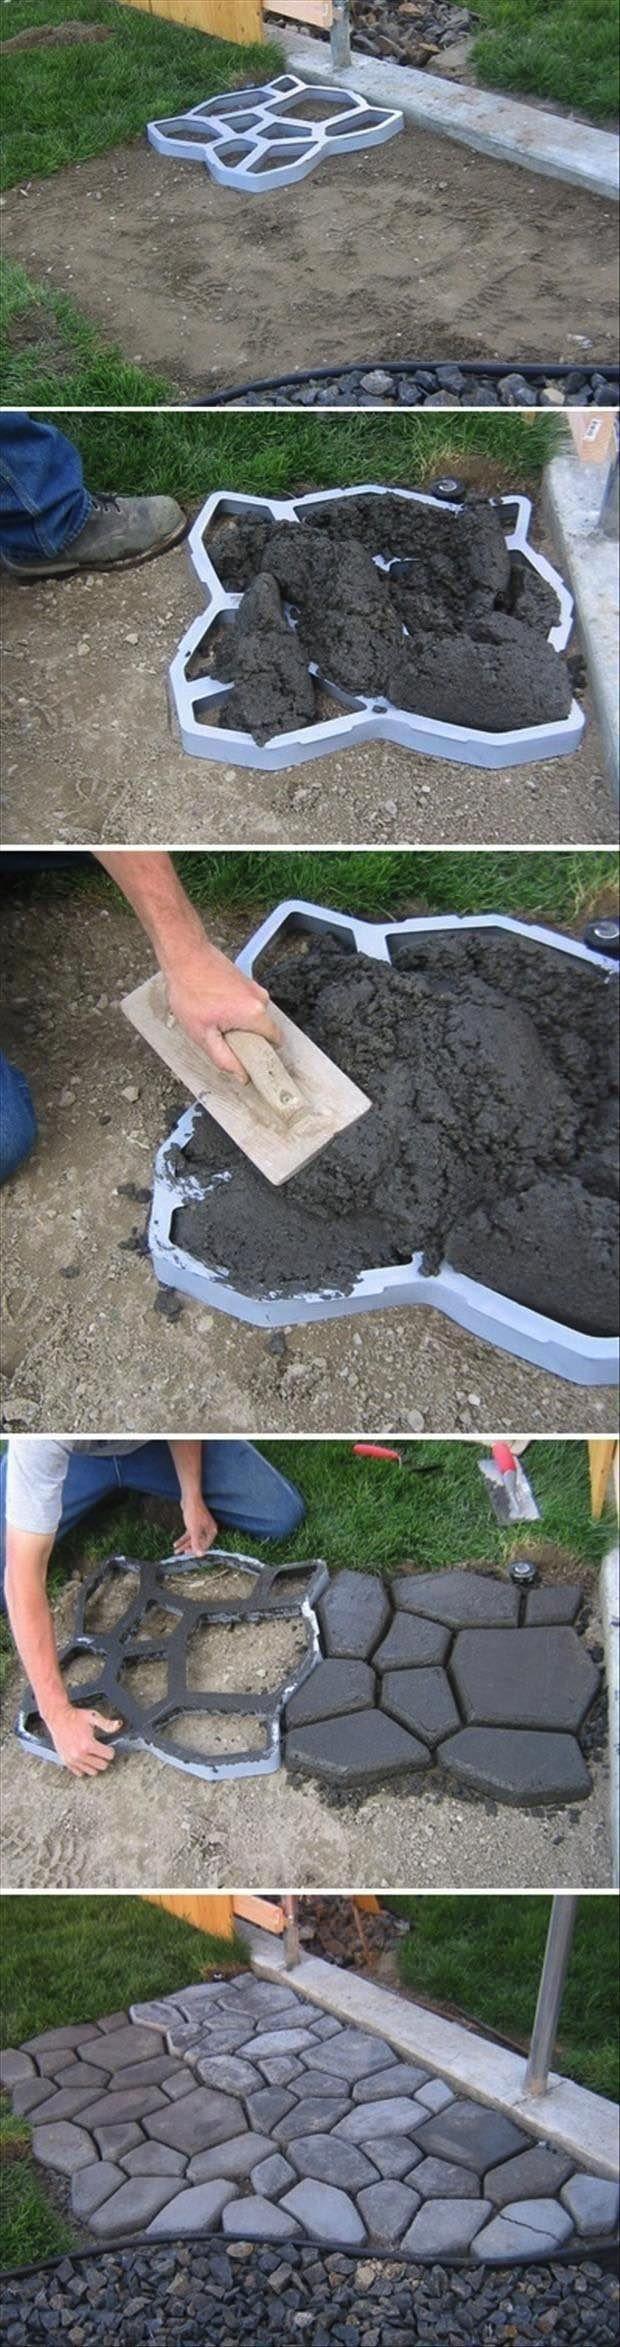 Skúšali ste už niekedy vytvoriť si nejakú dekoráciu alebo odtlačok z cementovej zmesi? Mohlo by sa zdať, že je to materiál len na stavebné práce, no opak je pravdou. Stačí si nájsť vhodnú inšpiráciu, vyhrnúť si rukávy a pustiť sa do...